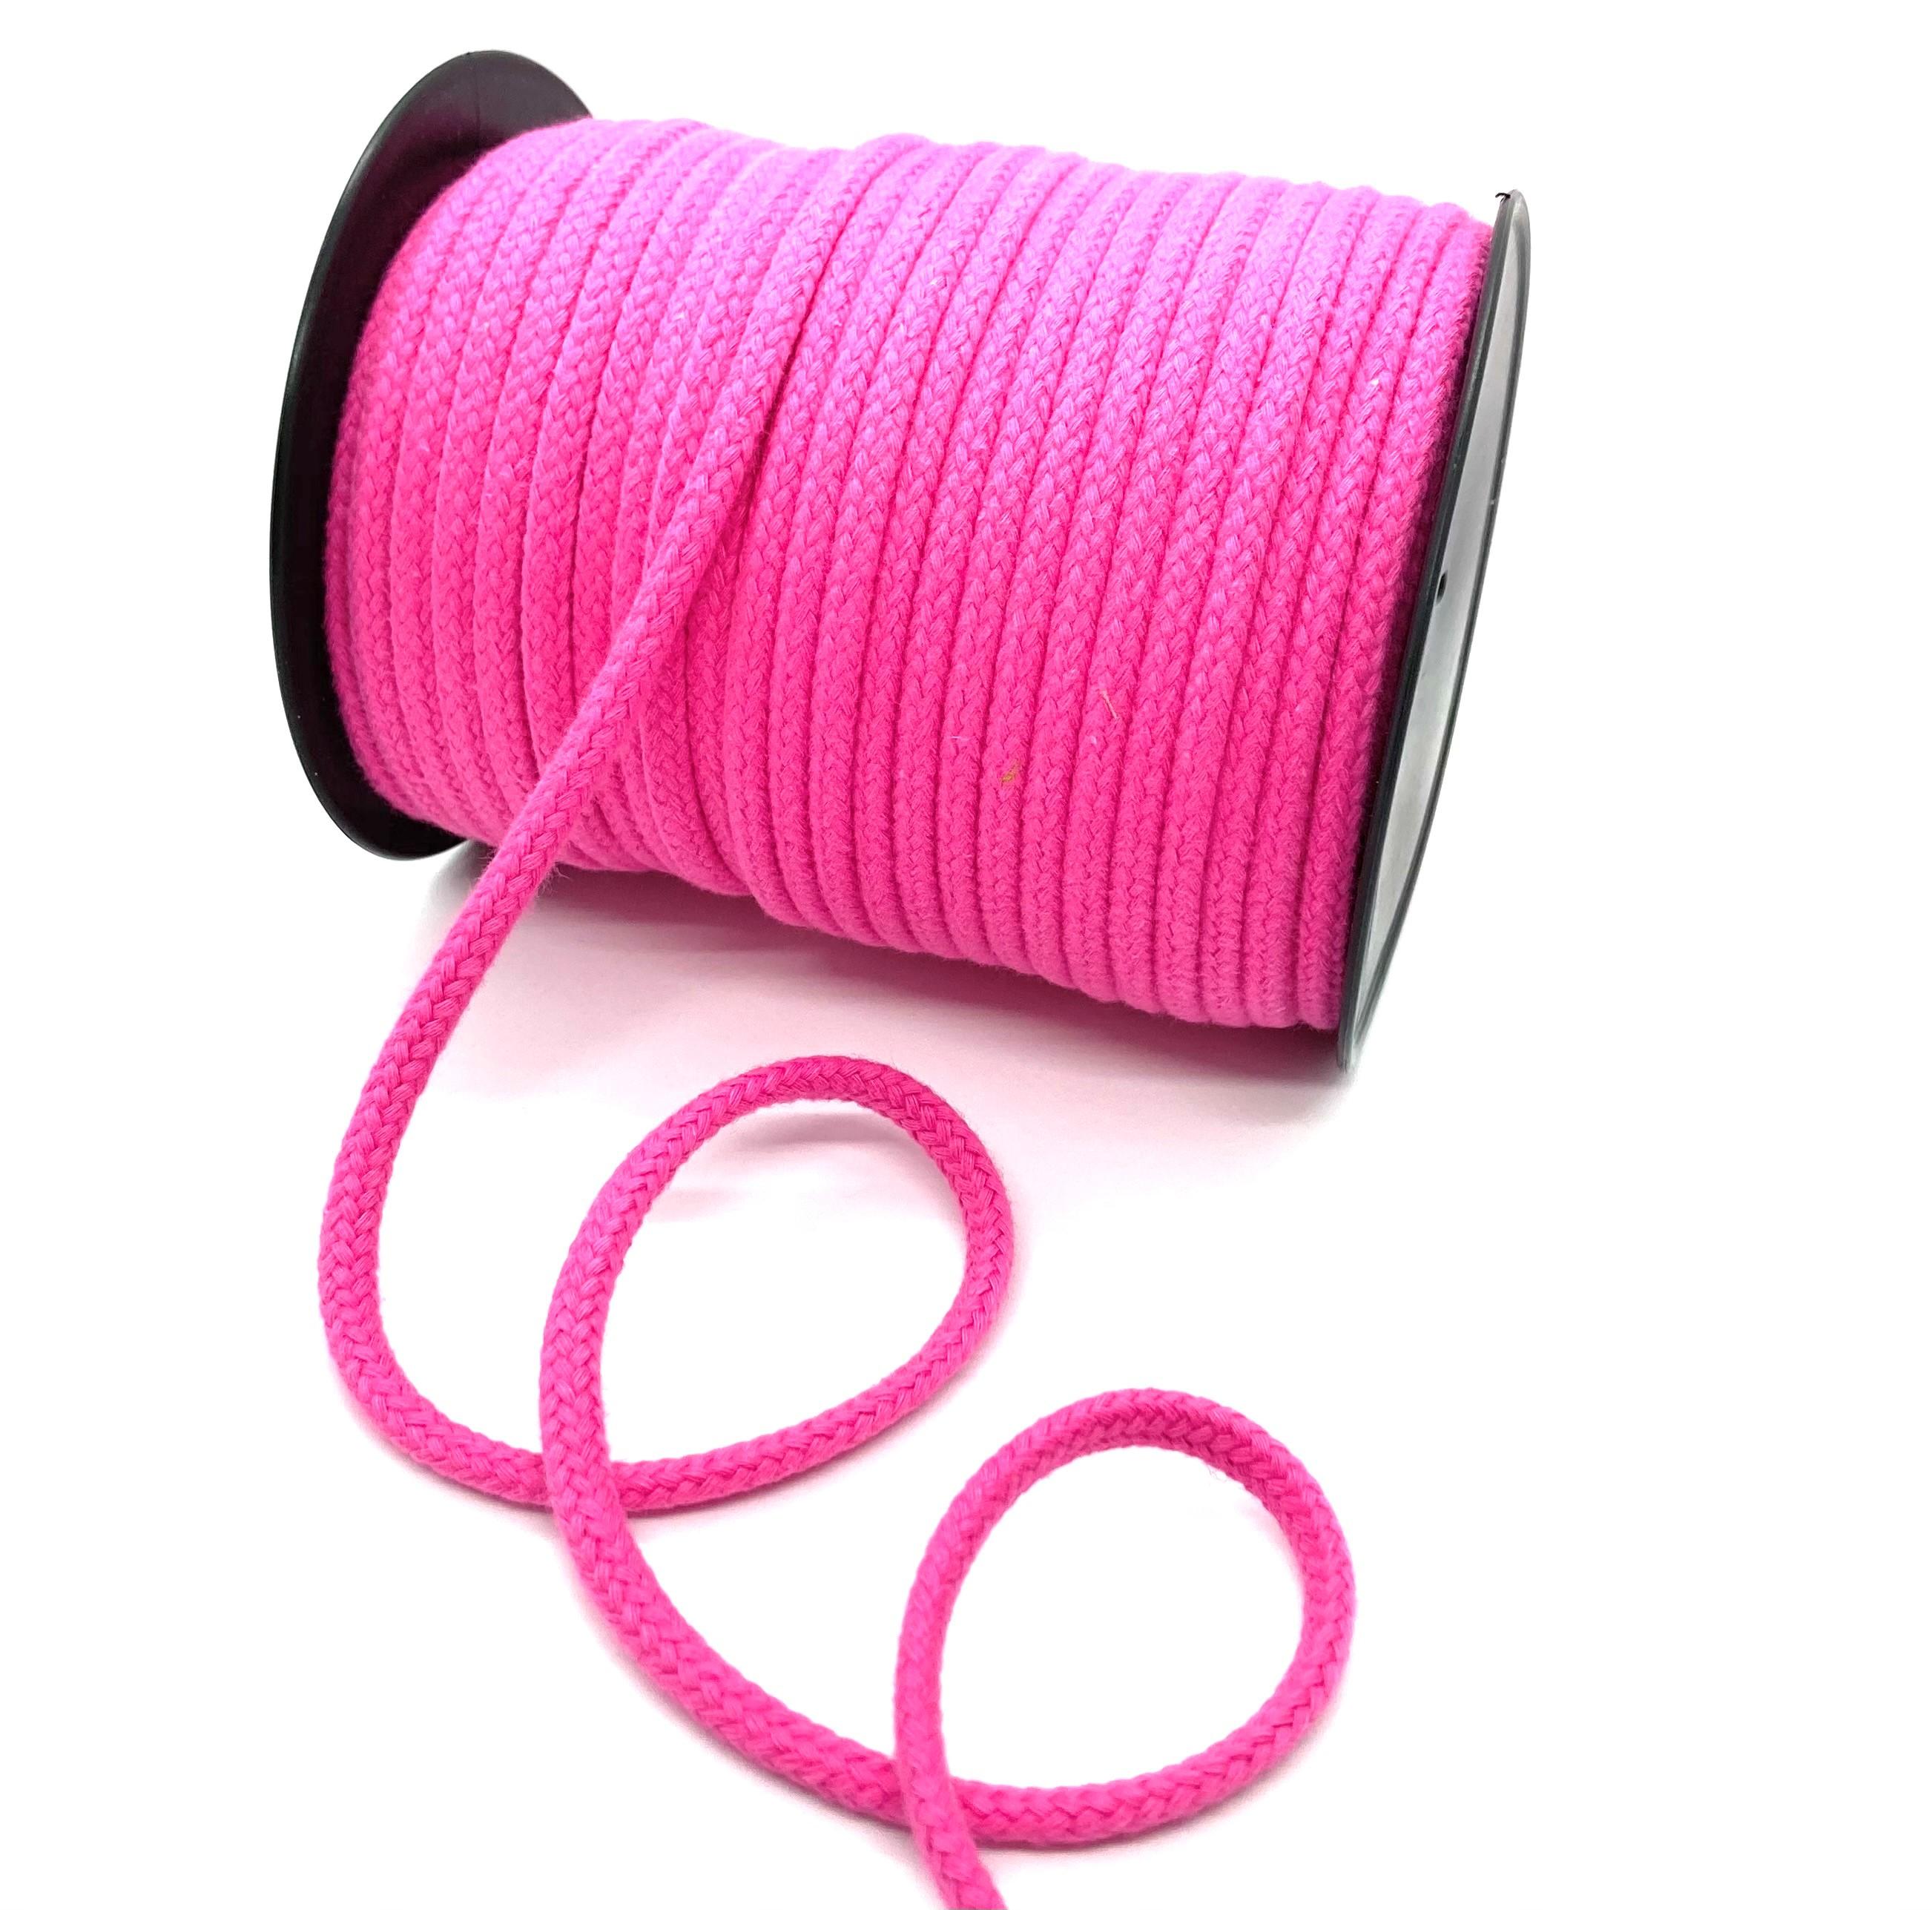 Kordel, Pink 6 mm